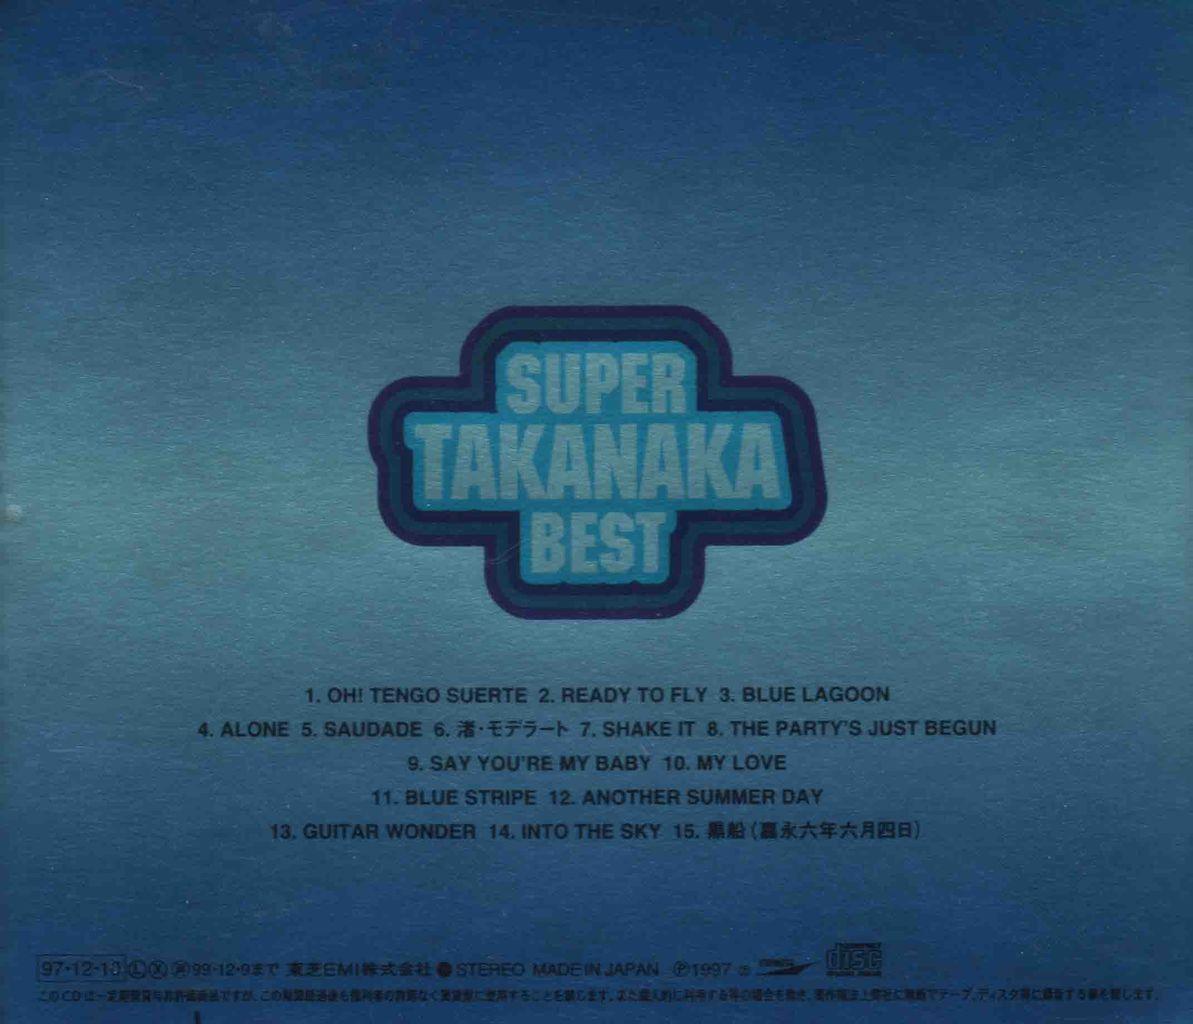 SUPER TAKANAKA BEST-2